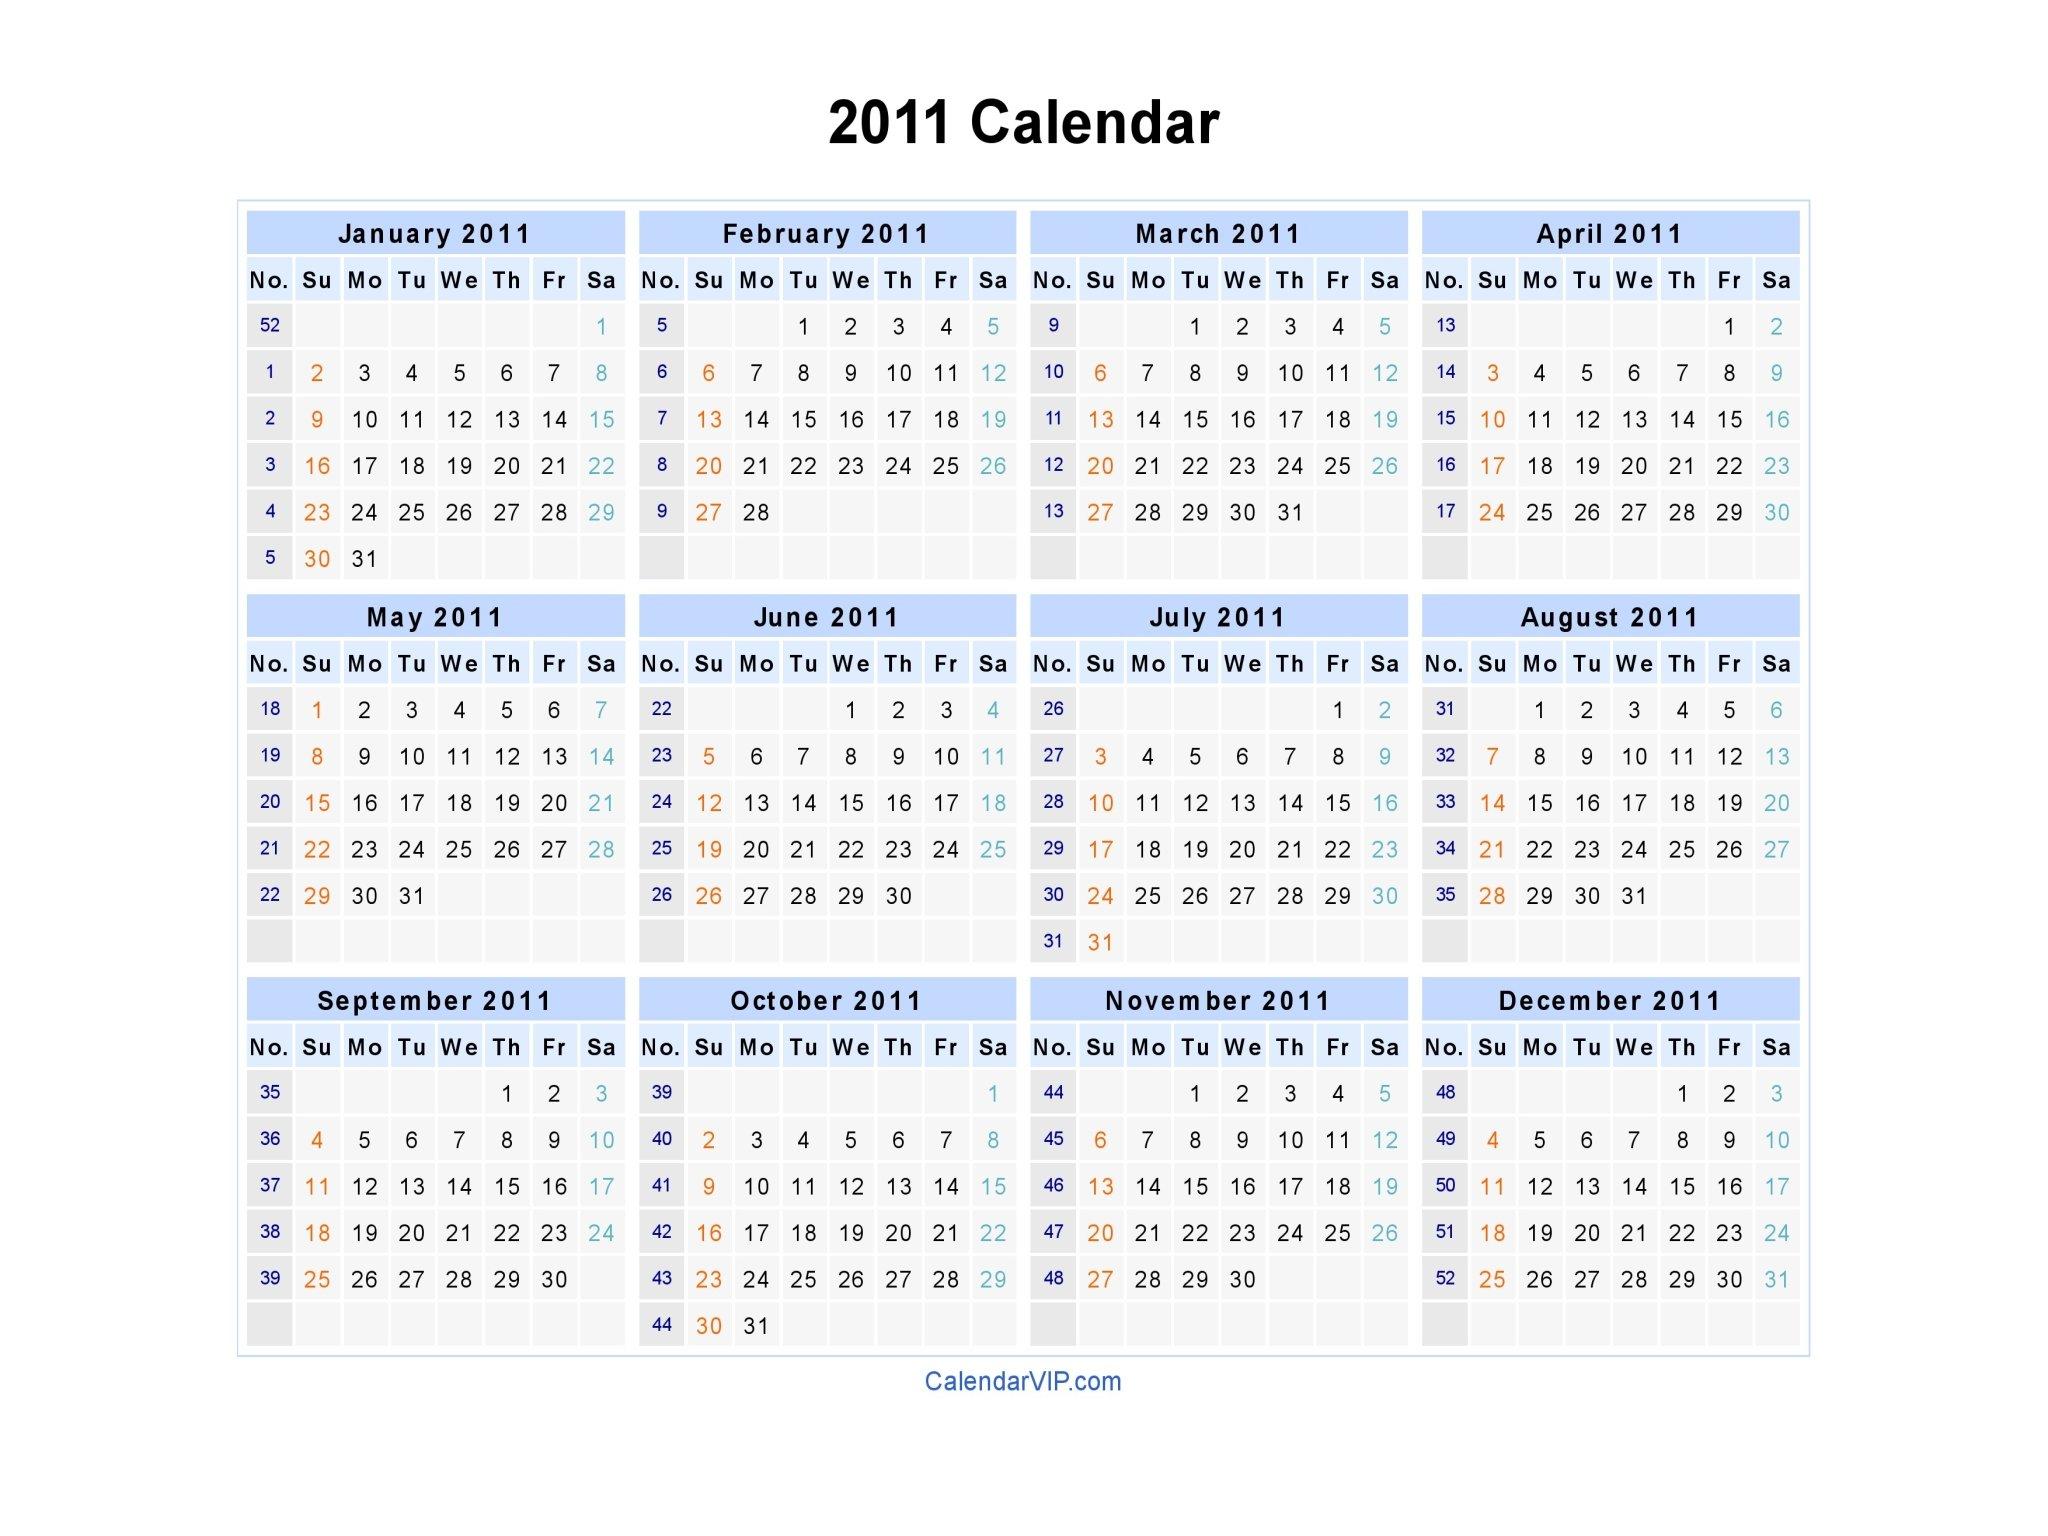 2011 Calendar – Blank Printable Calendar Template In Pdf Sap 52 Week Numbered Calendar